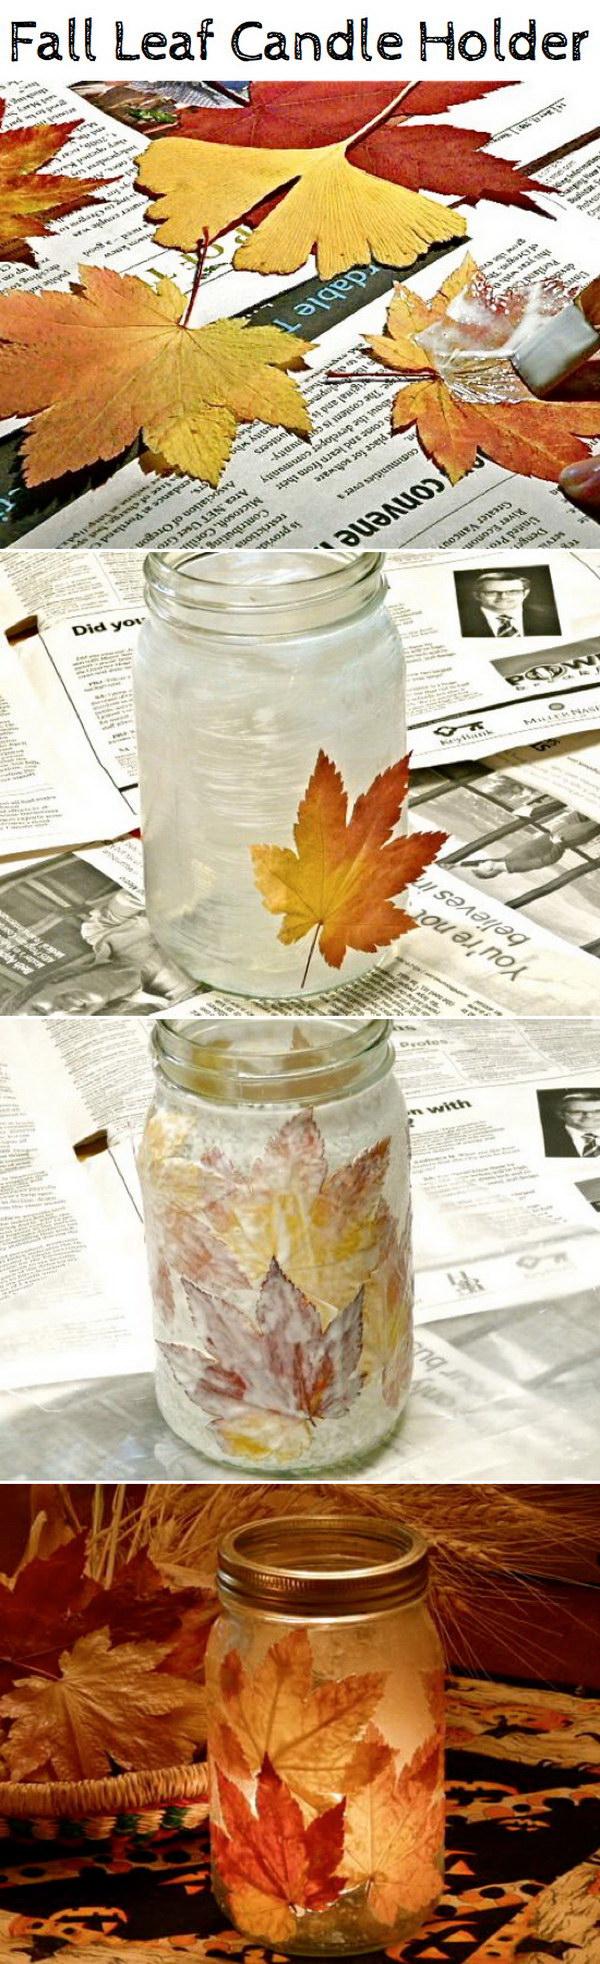 DIY Fall Leaf Candle Holder.